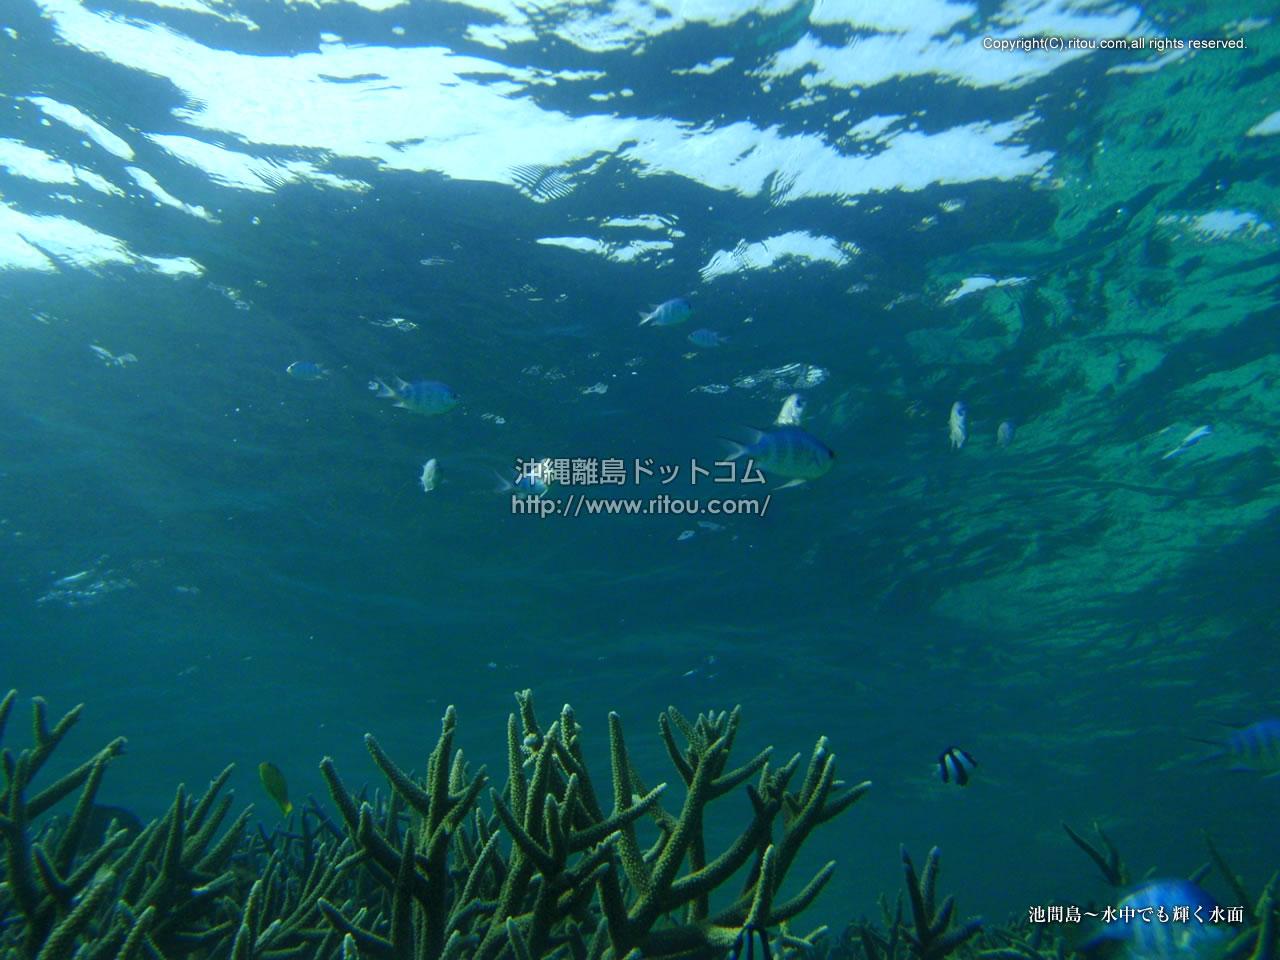 池間島〜水中でも輝く水面